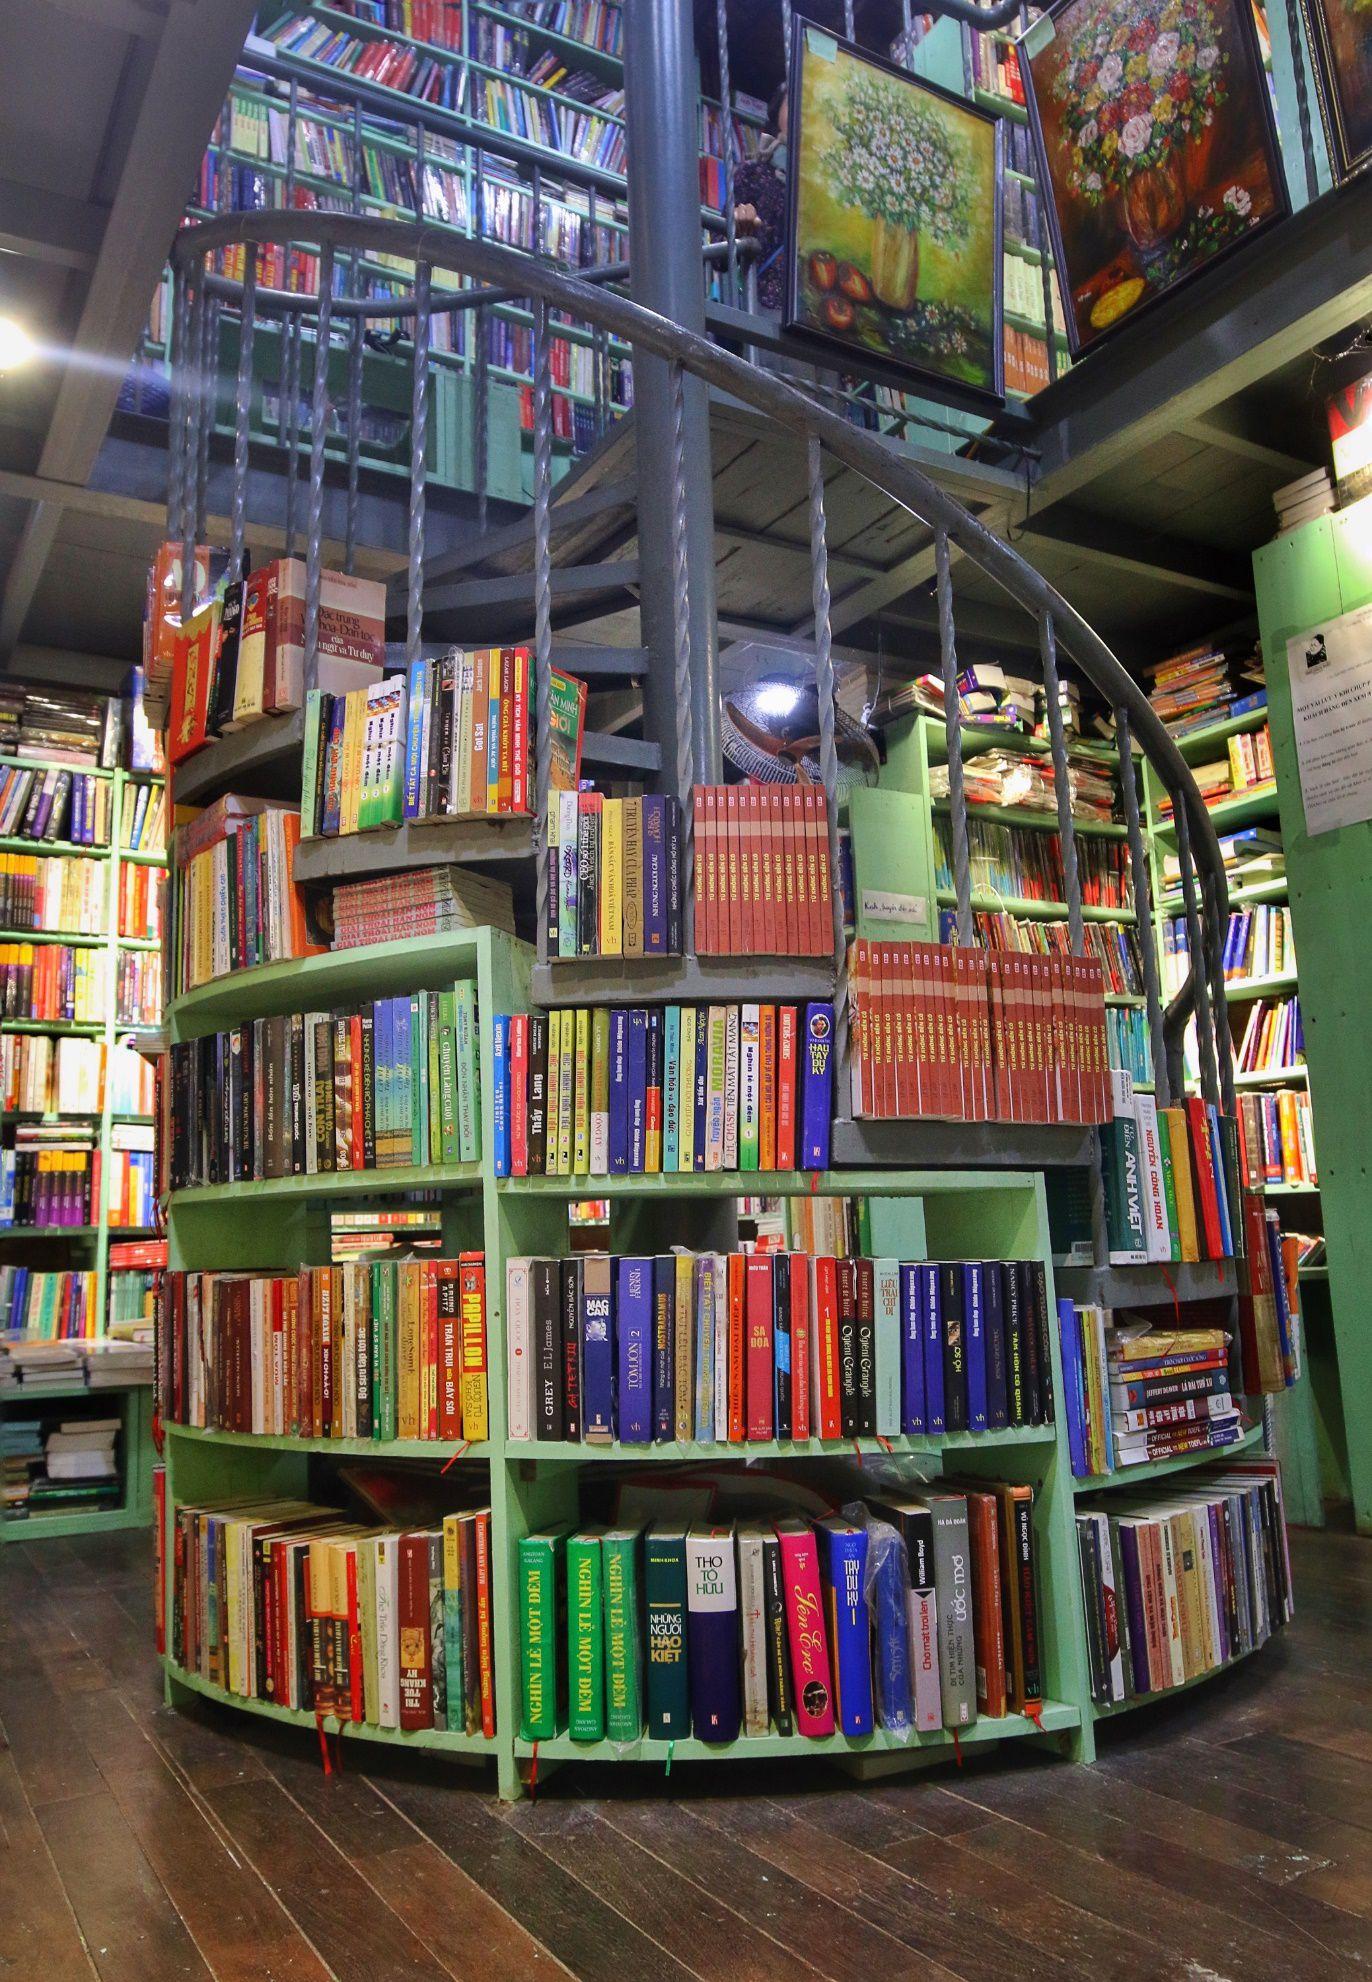 Chuyện ít biết về nhà sách cổ kính, độc đáo nhất Hà Nội - 8